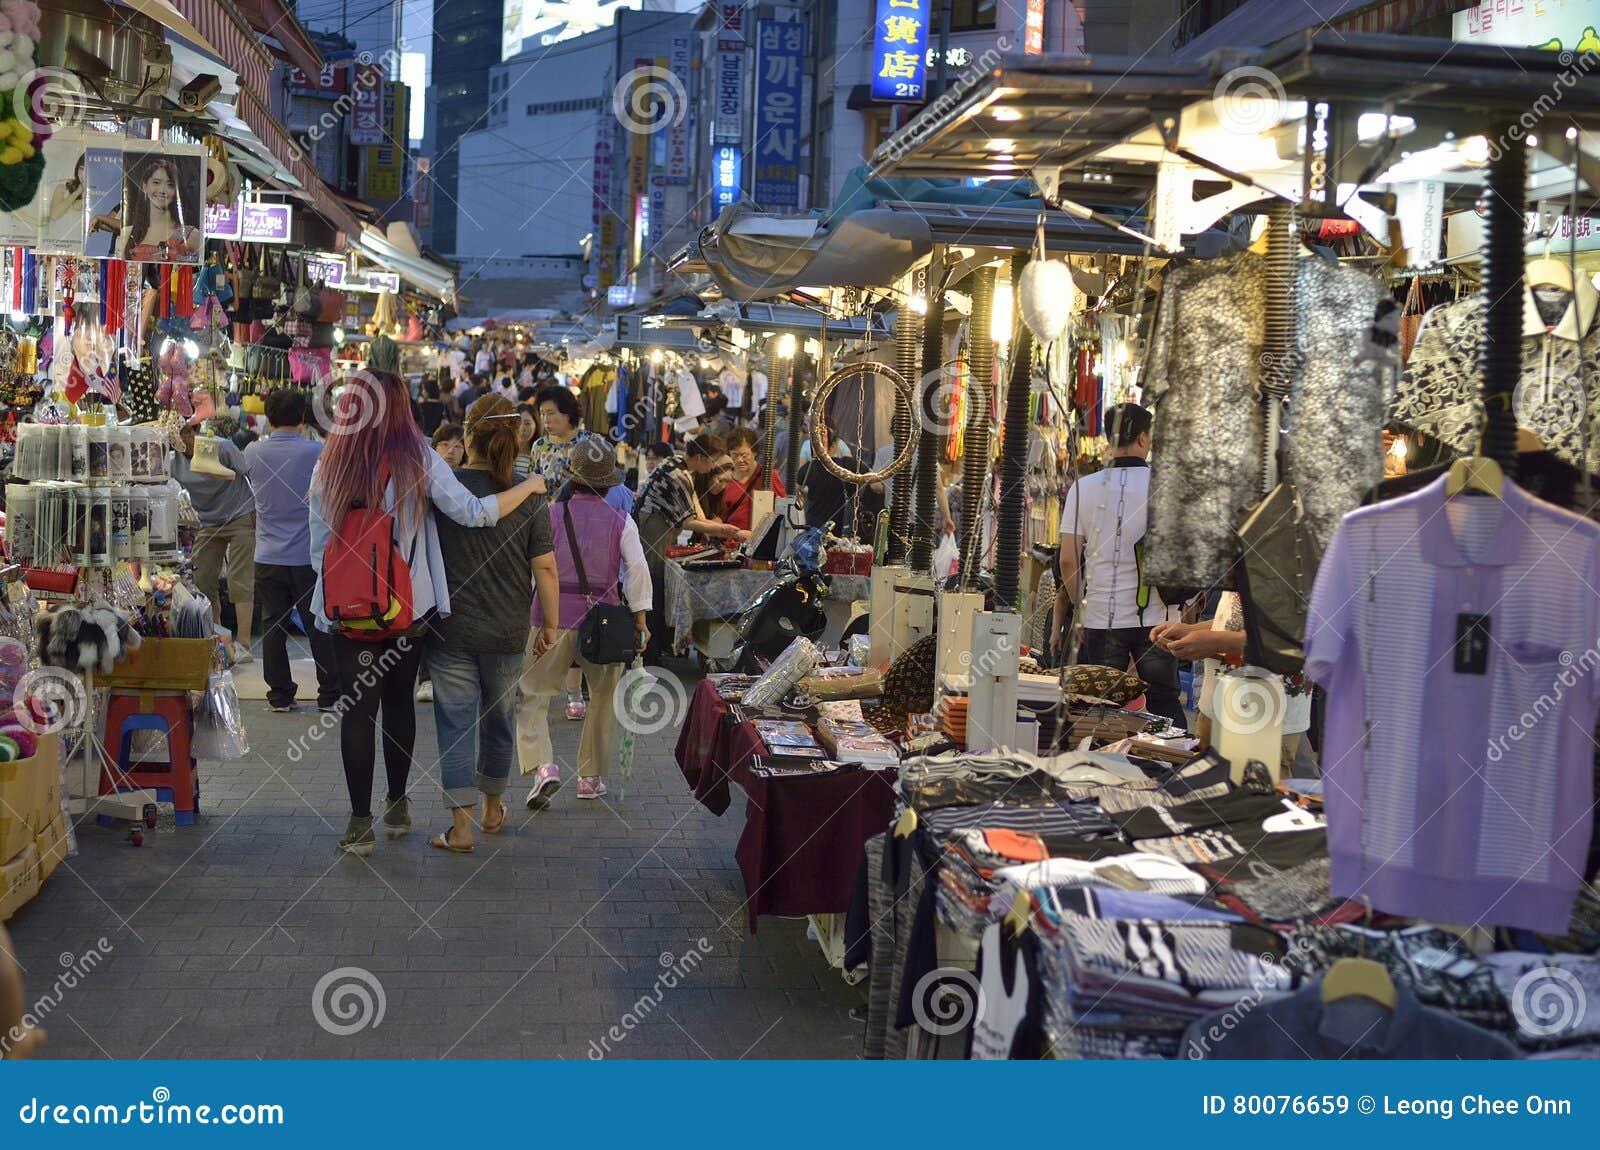 0df1949164d09 Stock Image Of Namdaemun Market In Seoul, South Korea Editorial ...